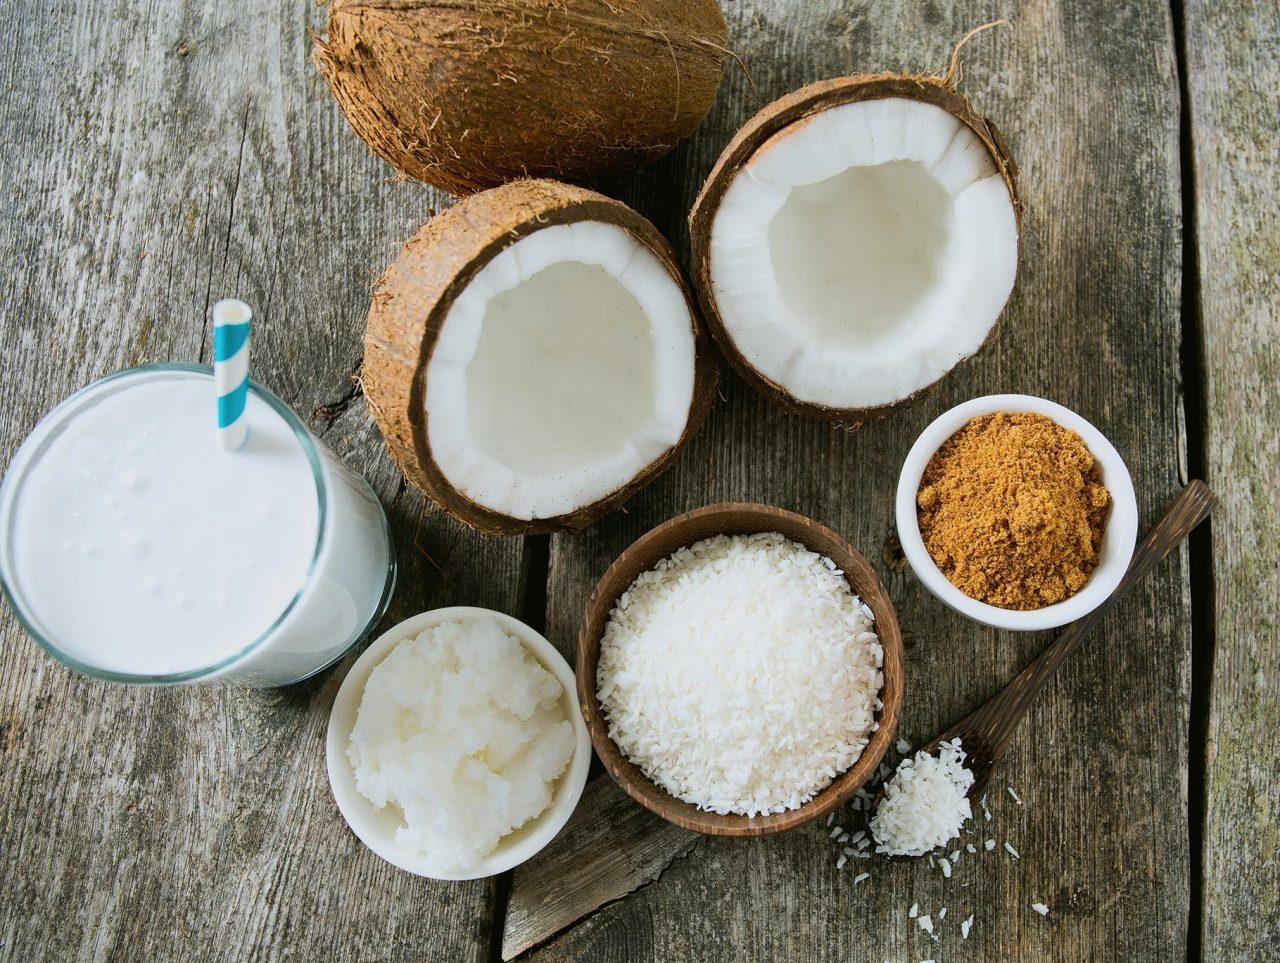 Geschlossene und geöffnete Kokosnuss, ein Glas mit Kokosmilch und Strohhalm, Schale mit Kokosfett, Schale mit Kokosraspeln und Schalen mit Kokosblütenzucker.